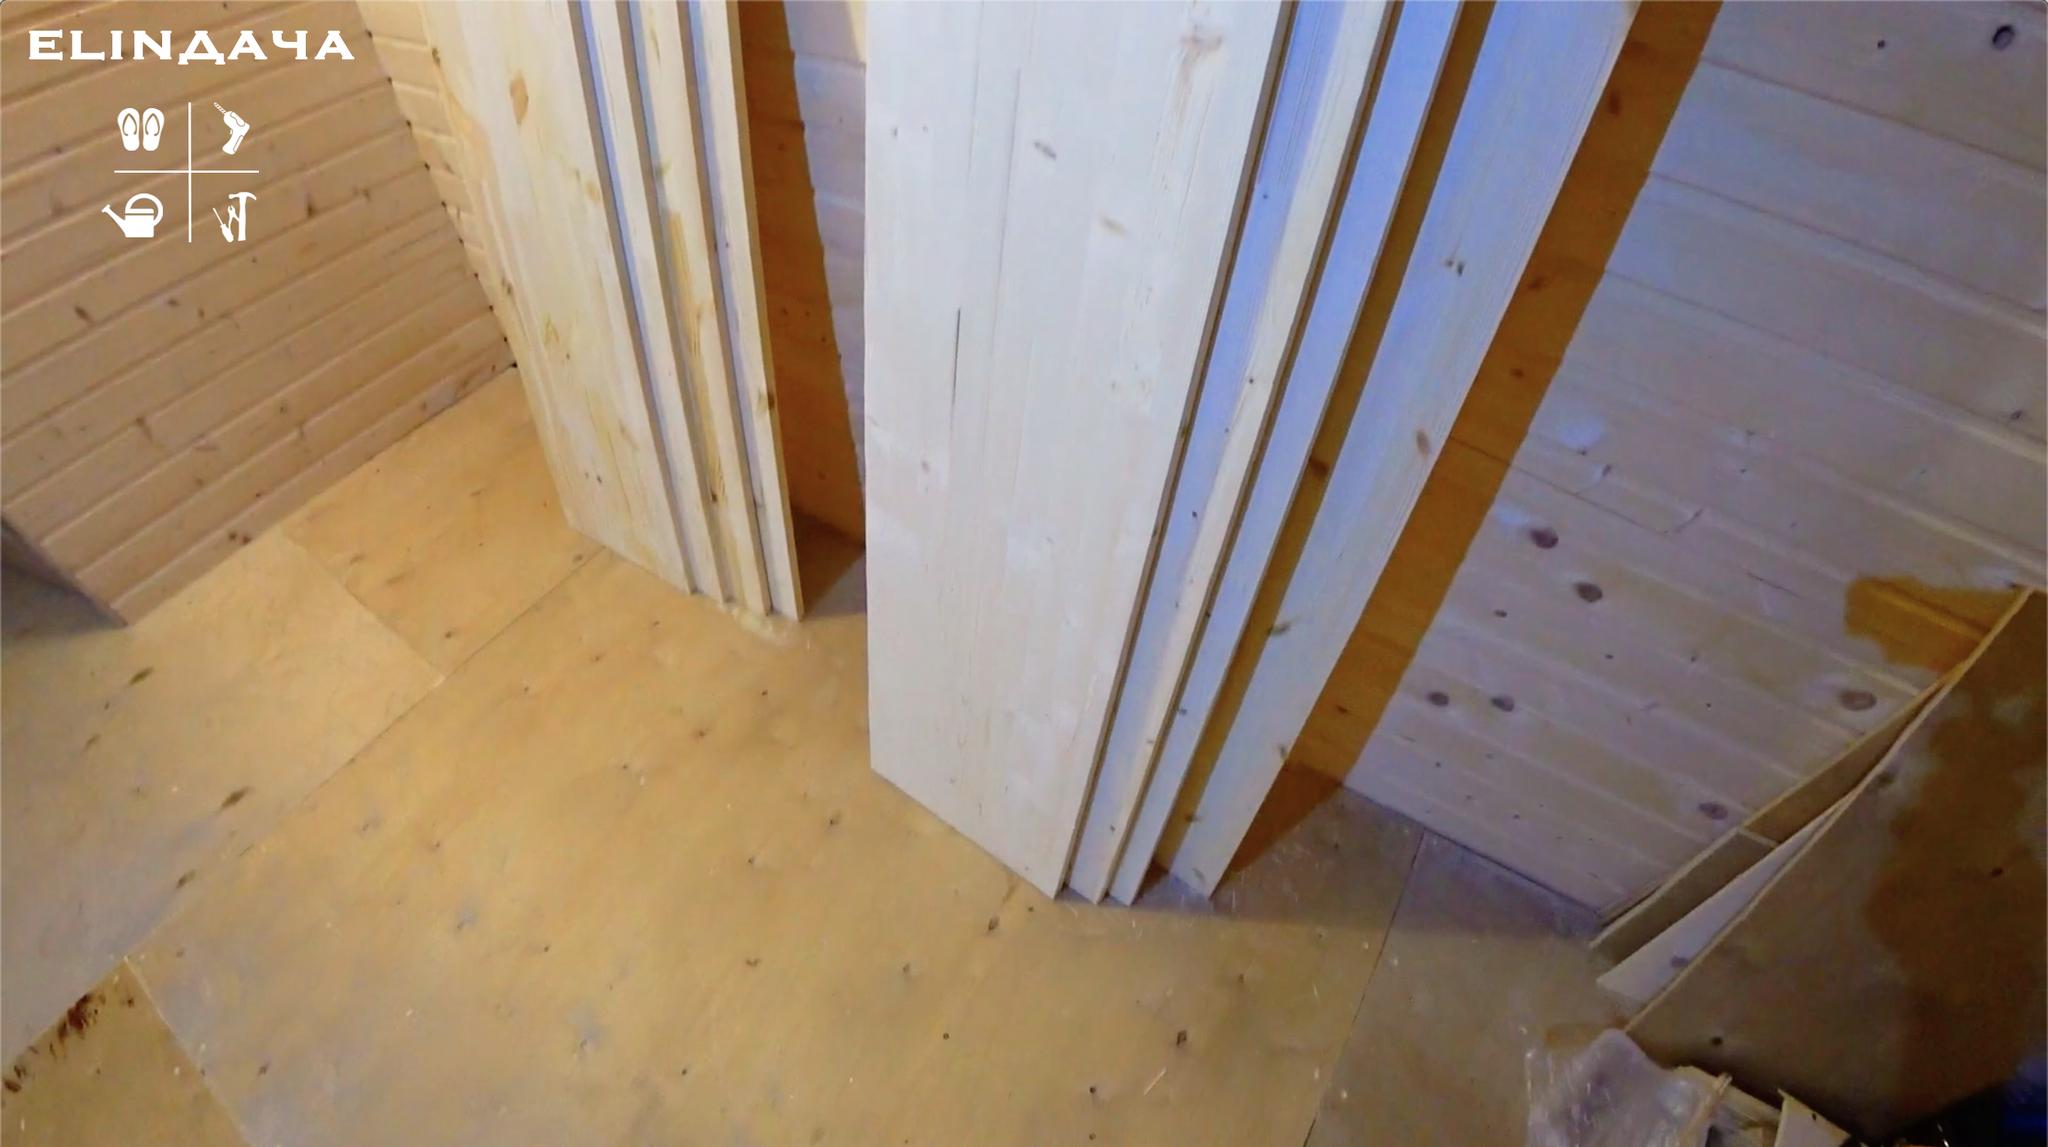 Шкаф для инструментов своими руками Своими руками, Мебель, Шкаф, Шкаф для инструментов, Дача, Столярная мастерская, Видео, Длиннопост